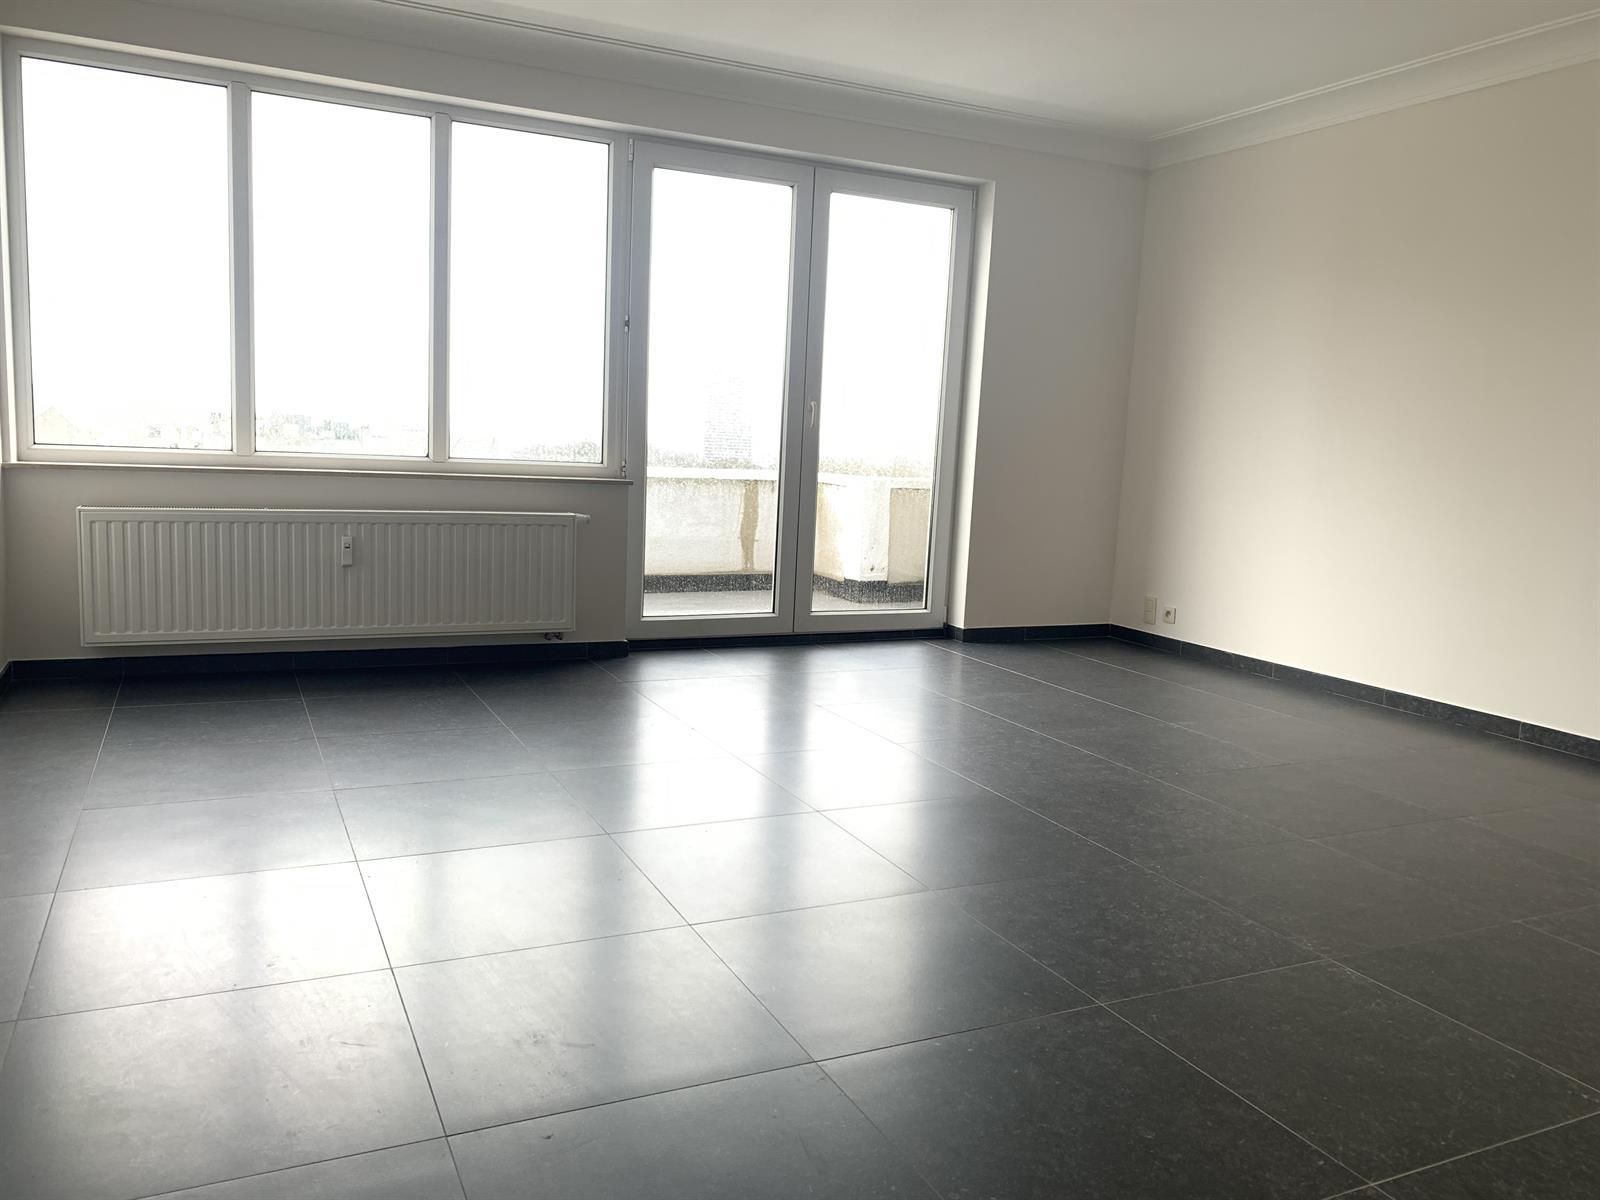 Flat - Schaerbeek - #4394057-2